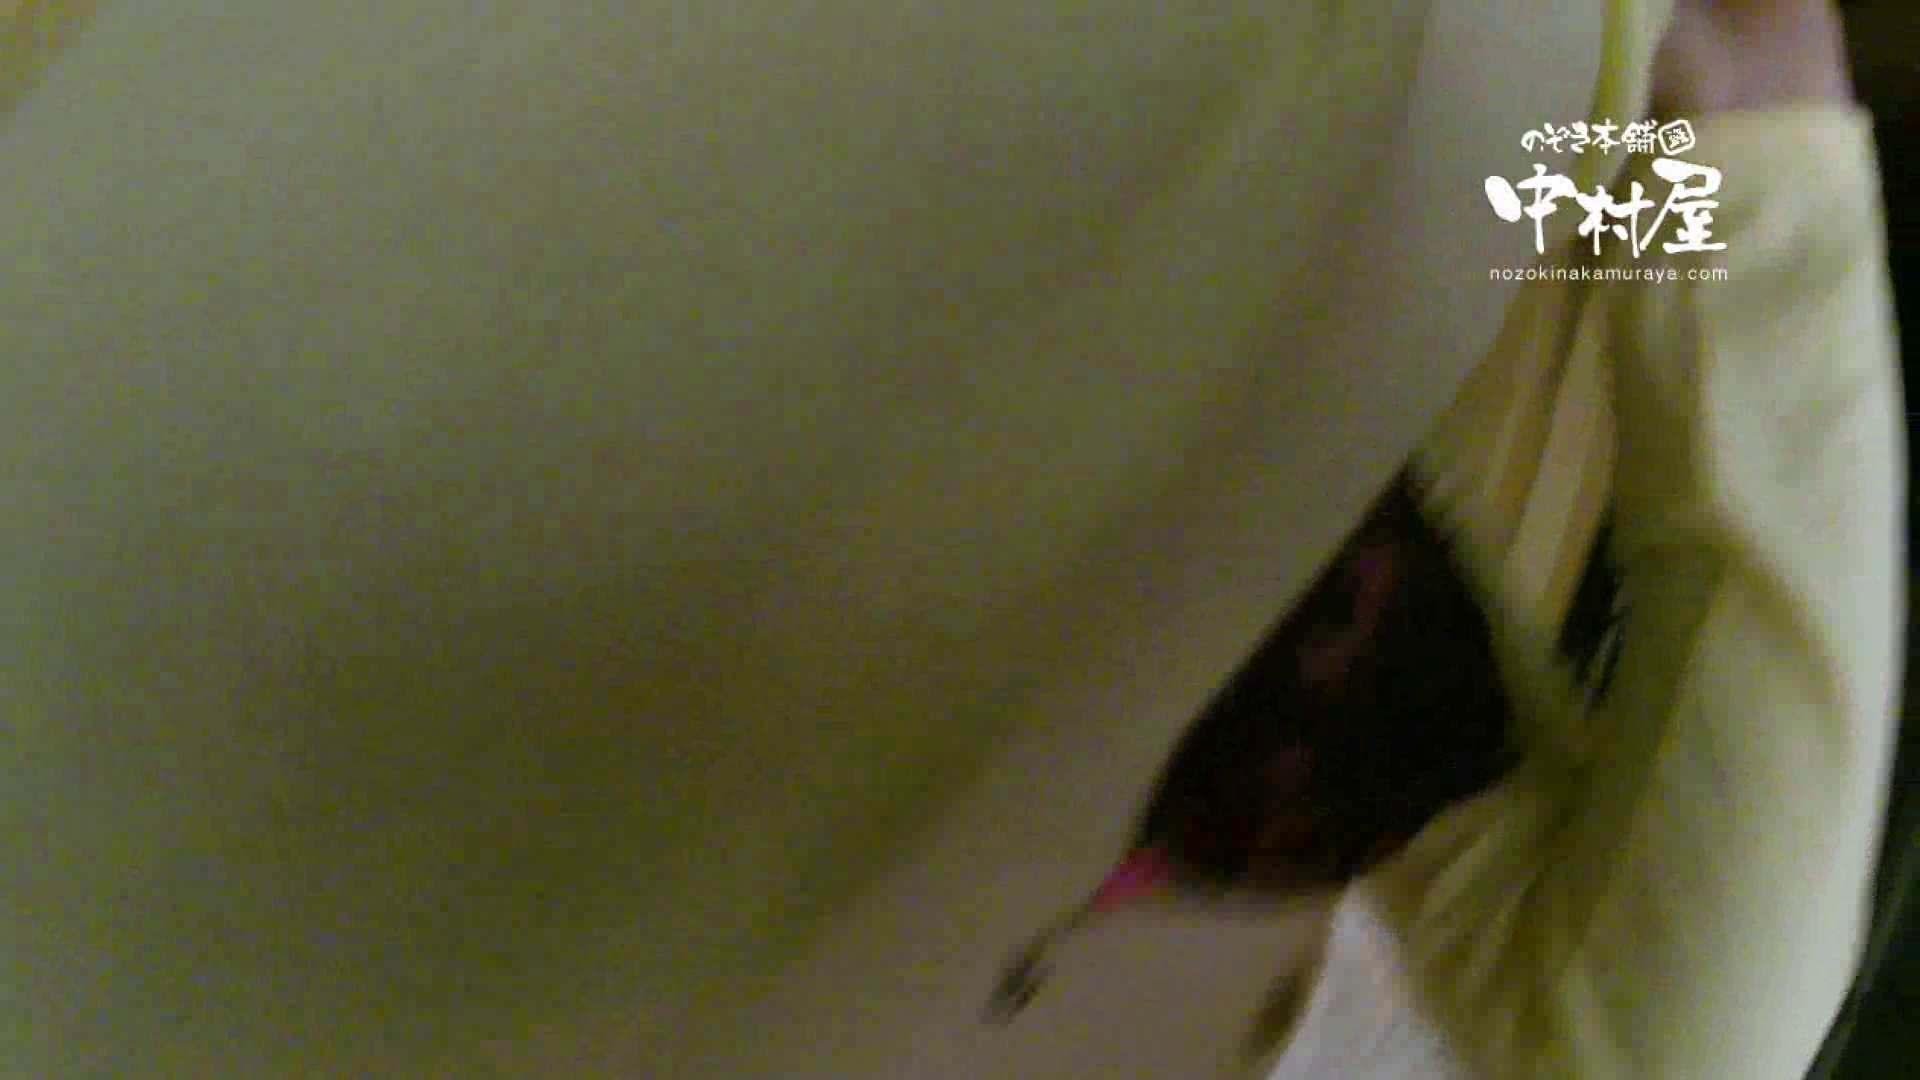 鬼畜 vol.17 中に出さないでください(アニメ声で懇願) 後編 鬼畜  76Pix 69